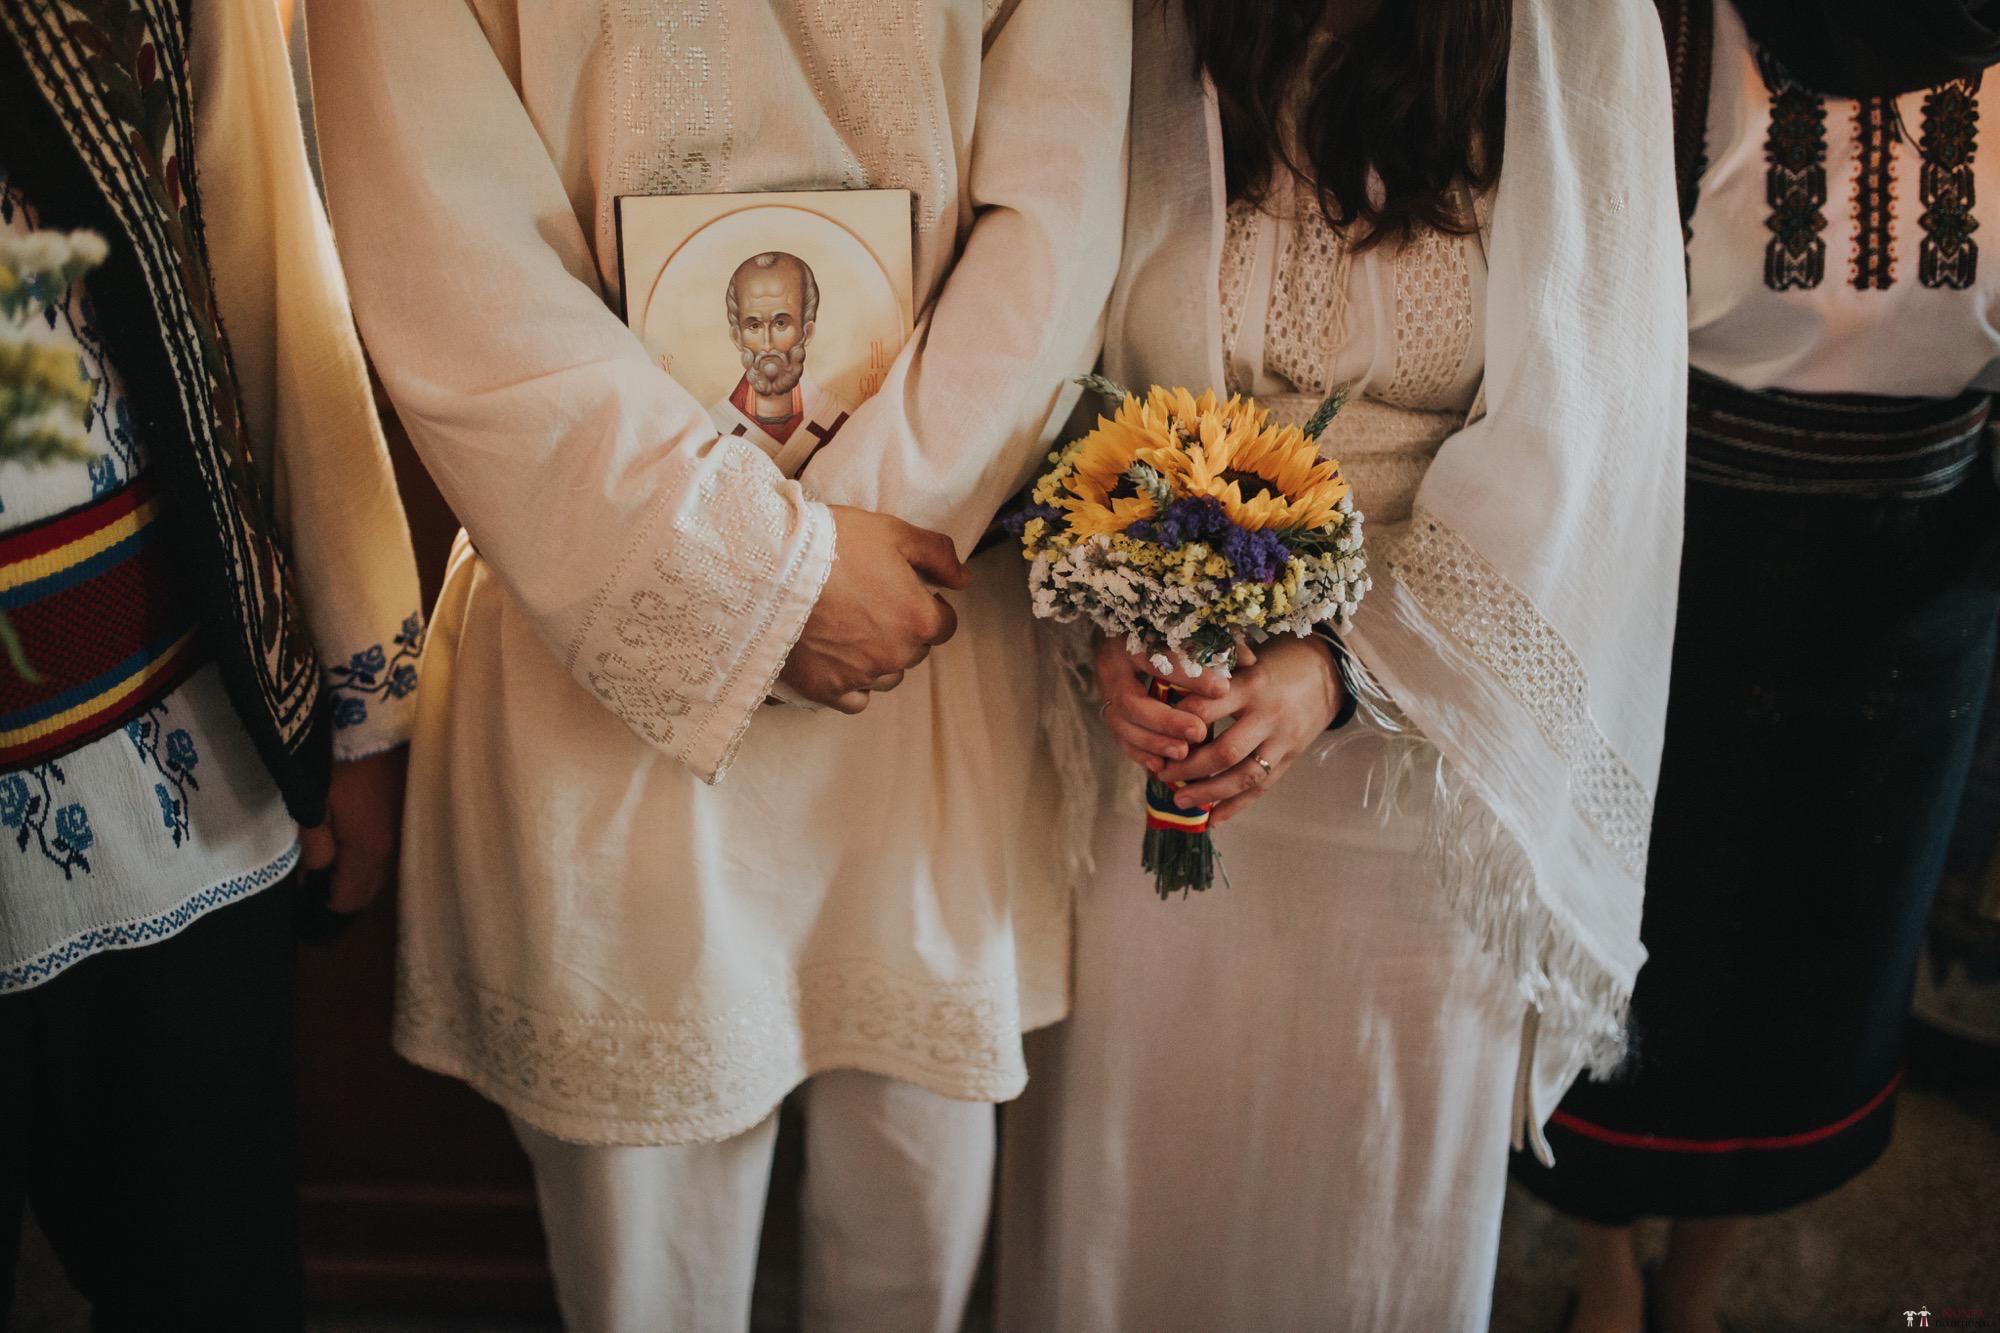 Povești Nunți Tradiționale - Gabriela și Iulian. Nuntă românească în Belgia. 36